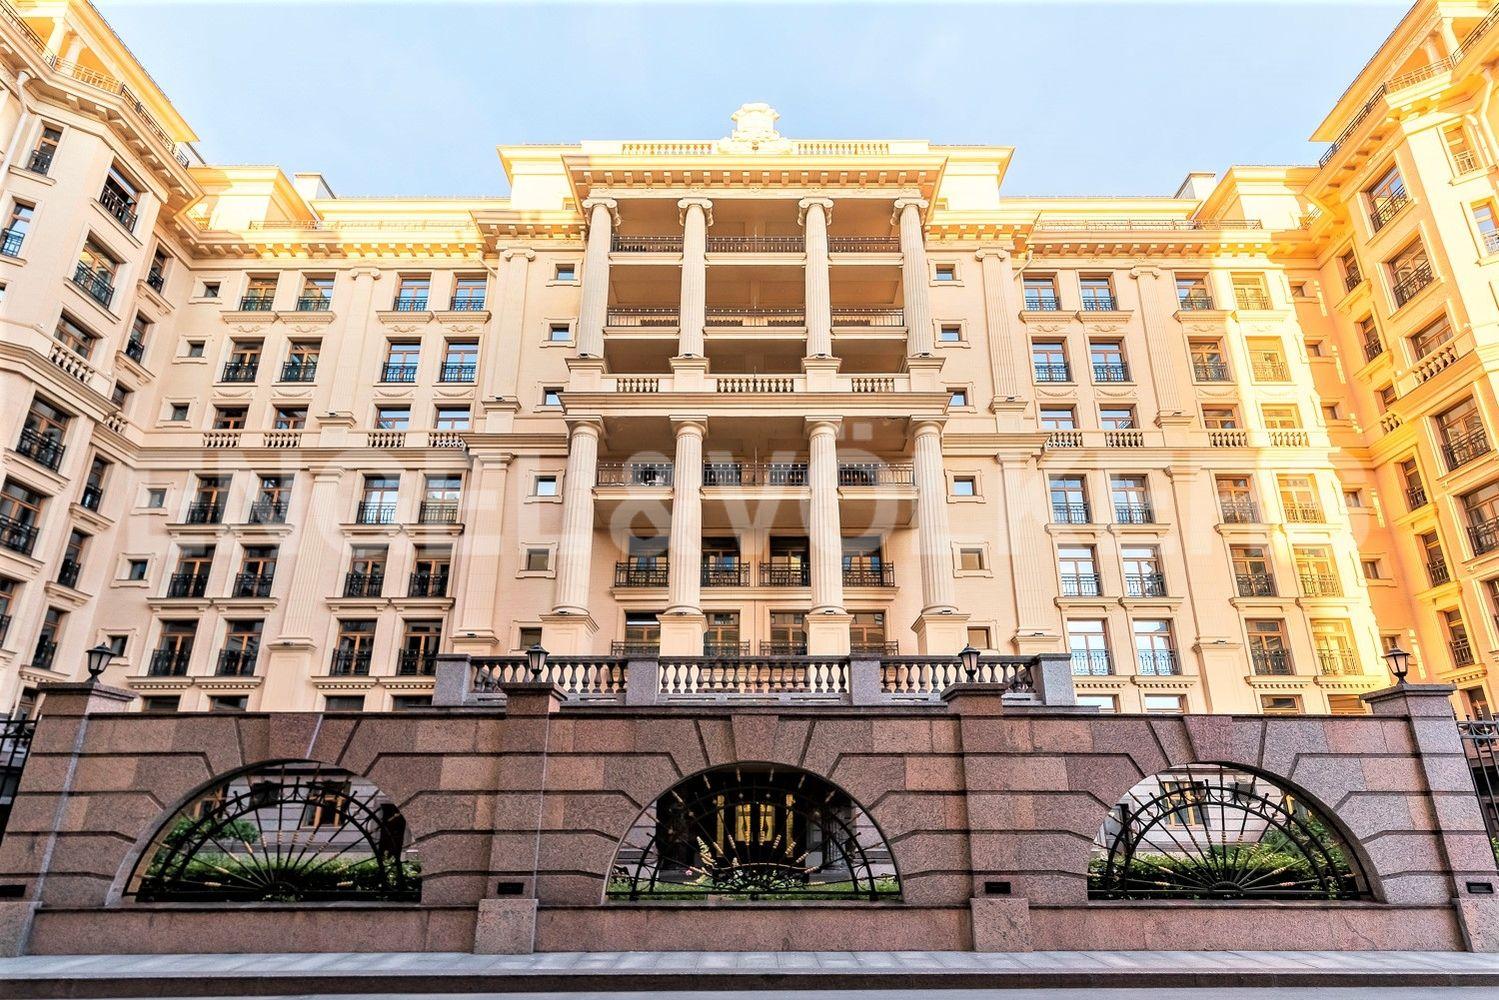 Элитные квартиры в Центральном районе. Санкт-Петербург, наб. реки Фонтанки, 76, корп. 2. Центральный фасад